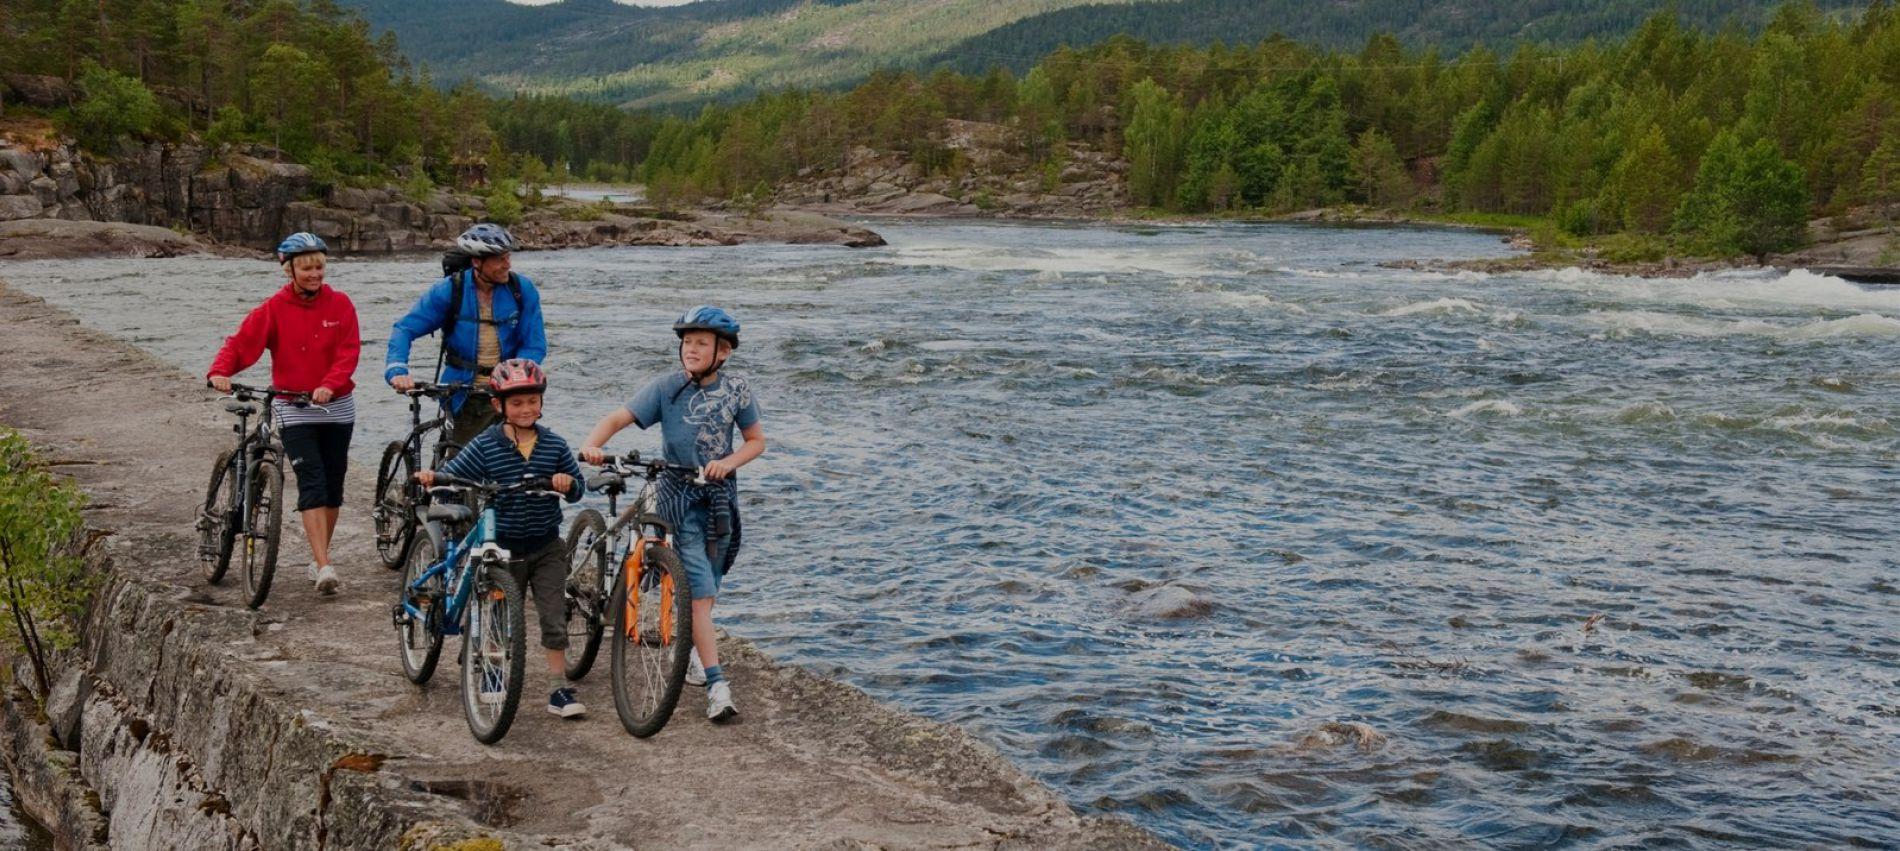 ⓒ Terje Rakke / Nordic Life AS - Visitnorway.com